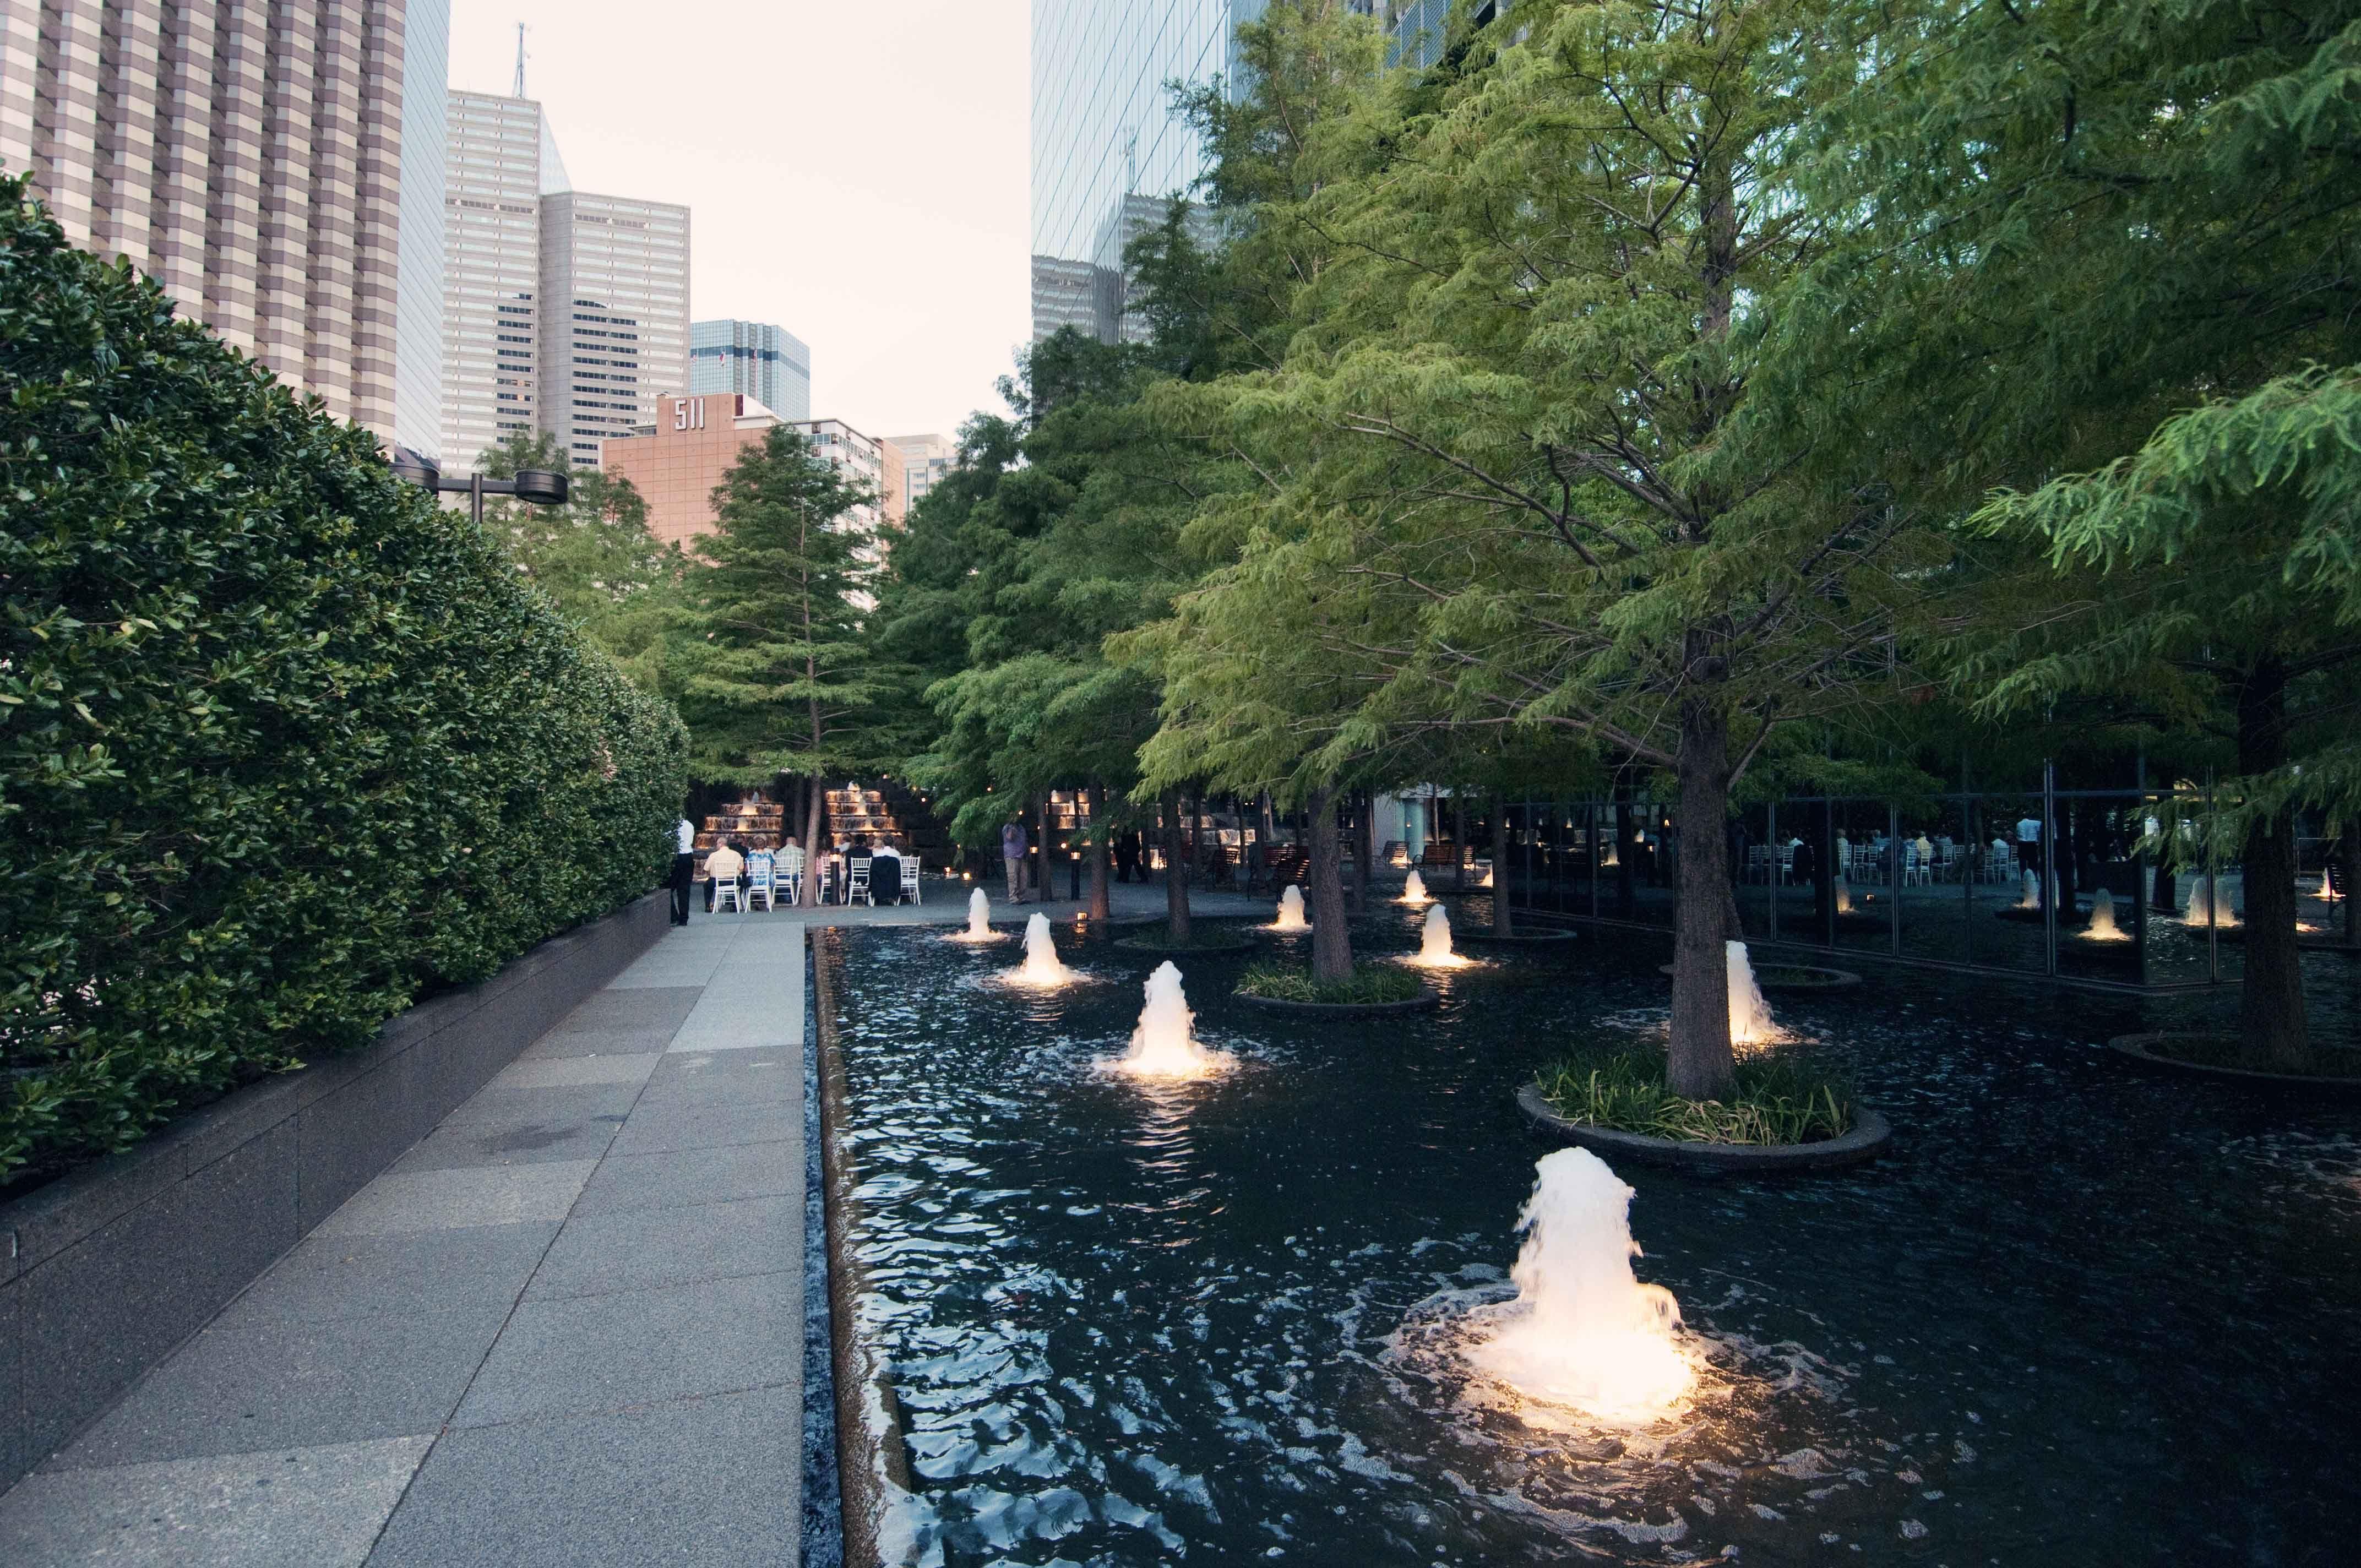 Water fountains dallas - Avanti Fountain Place Dallas Texas Landscape Architect Dan Kiley One Of The